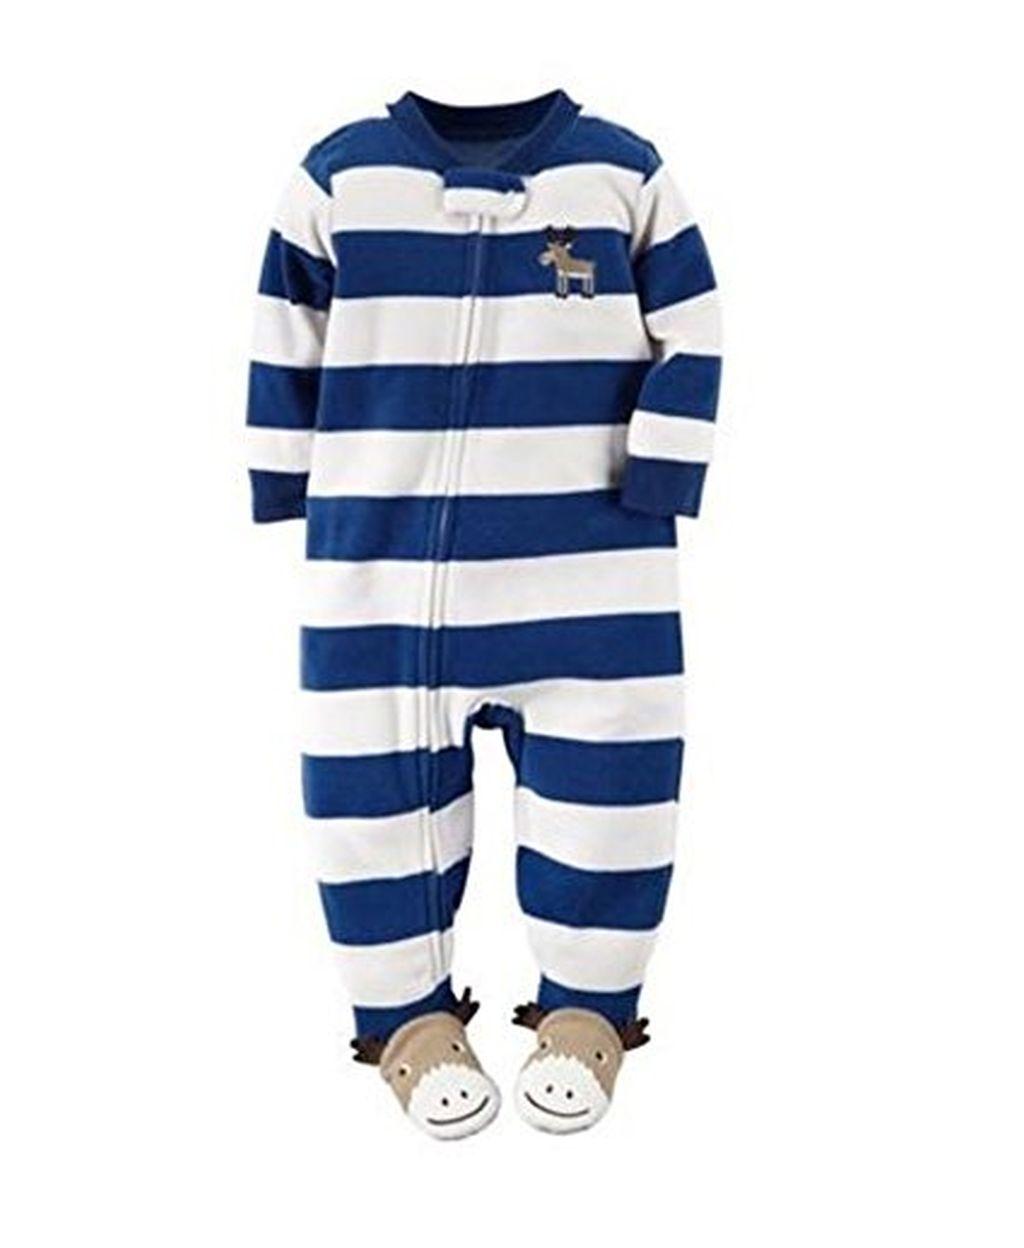 f58fdfe689f1 Carter s Boy s Size 2T Fleece Striped Moose Blanket Pajama Sleeper ...